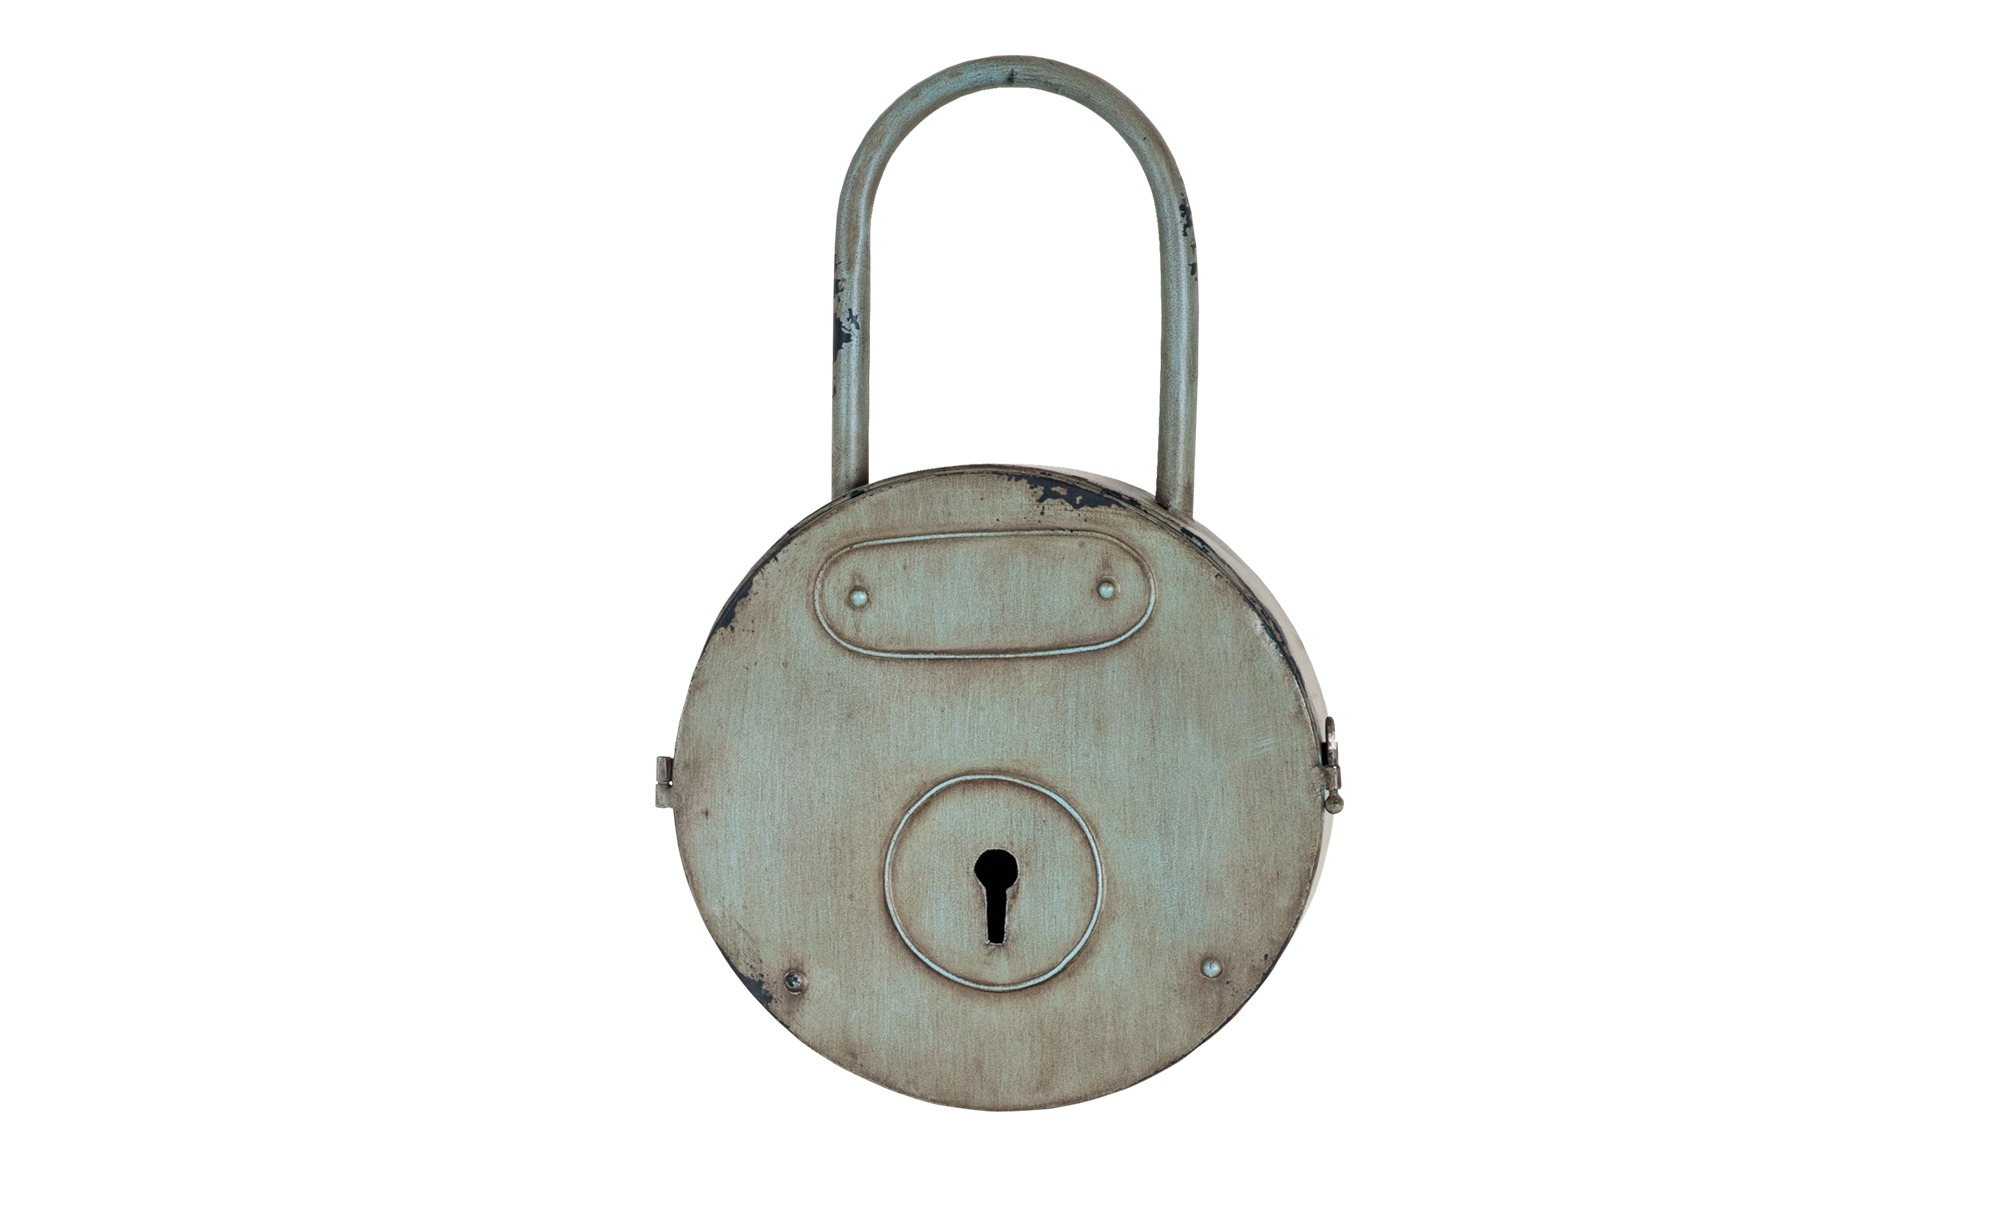 Schlüsselkasten  Halver ¦ grau ¦ Metall ¦ Maße (cm): B: 27 H: 44 T: 8 Aufbewahrung > Schlüsselkästen - Höffner | Flur & Diele > Schlüsselkästen | Grau | Metall | Möbel Höffner DE